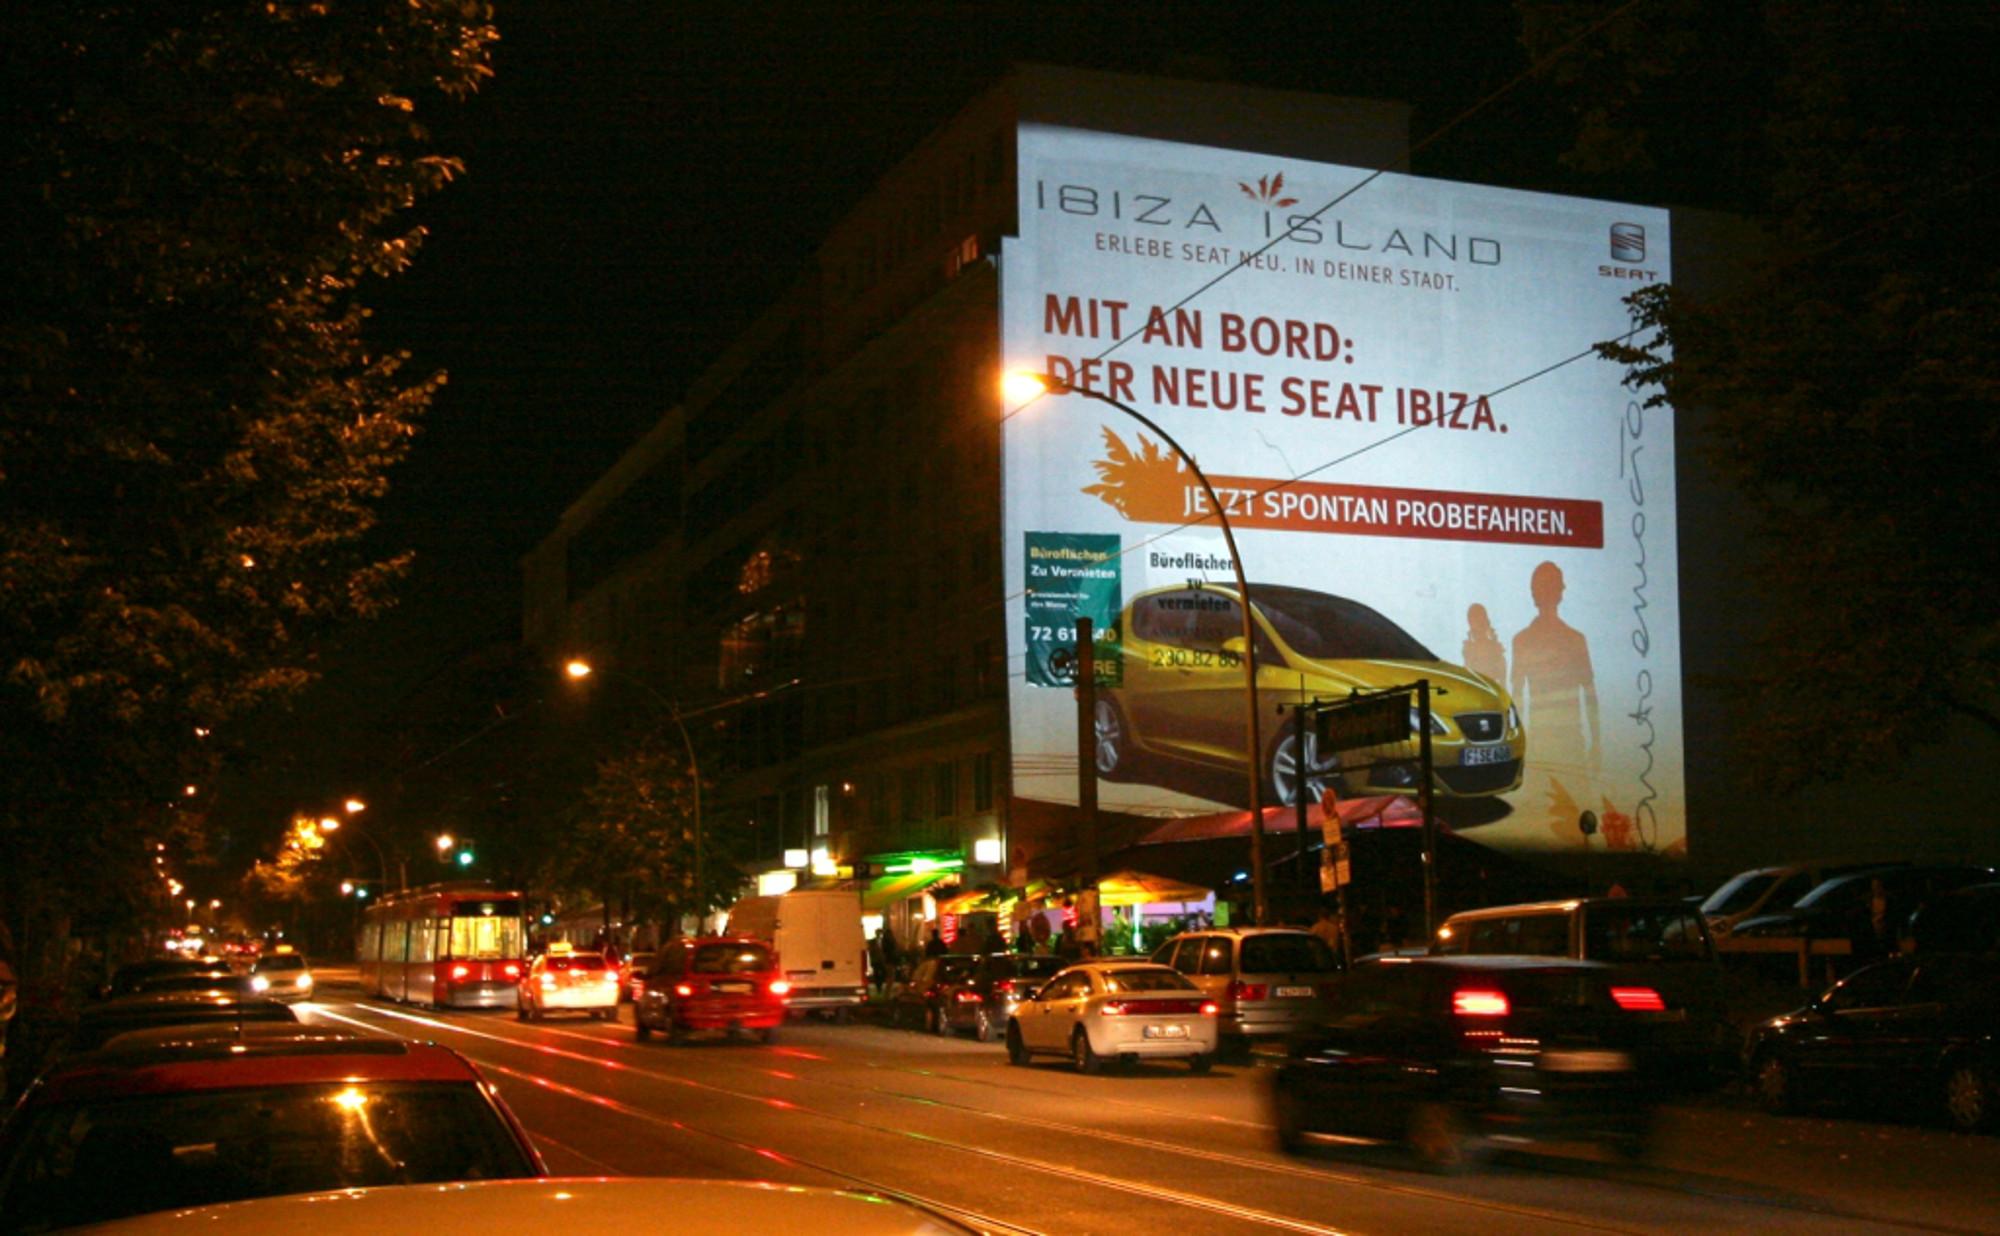 Großbild-Projektion-Werbung für SEAT Ibiza - Digitales-Riesenposter